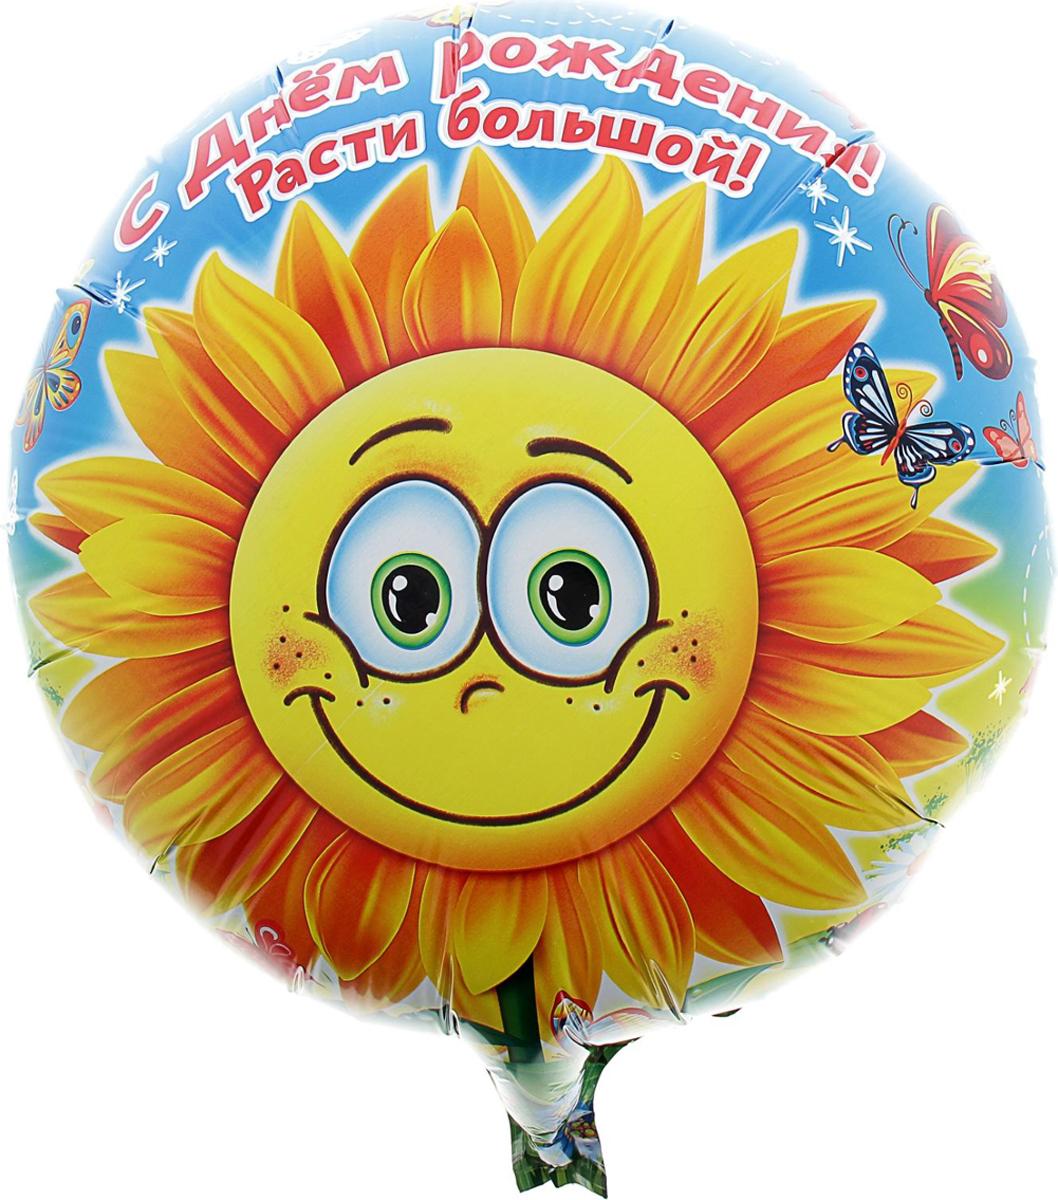 Страна Карнавалия Шар фольгированный С Днем Рождения Расти большой Круг 18 дюймов 332965 страна карнавалия шар воздушный с днем рождения корона 5 шт